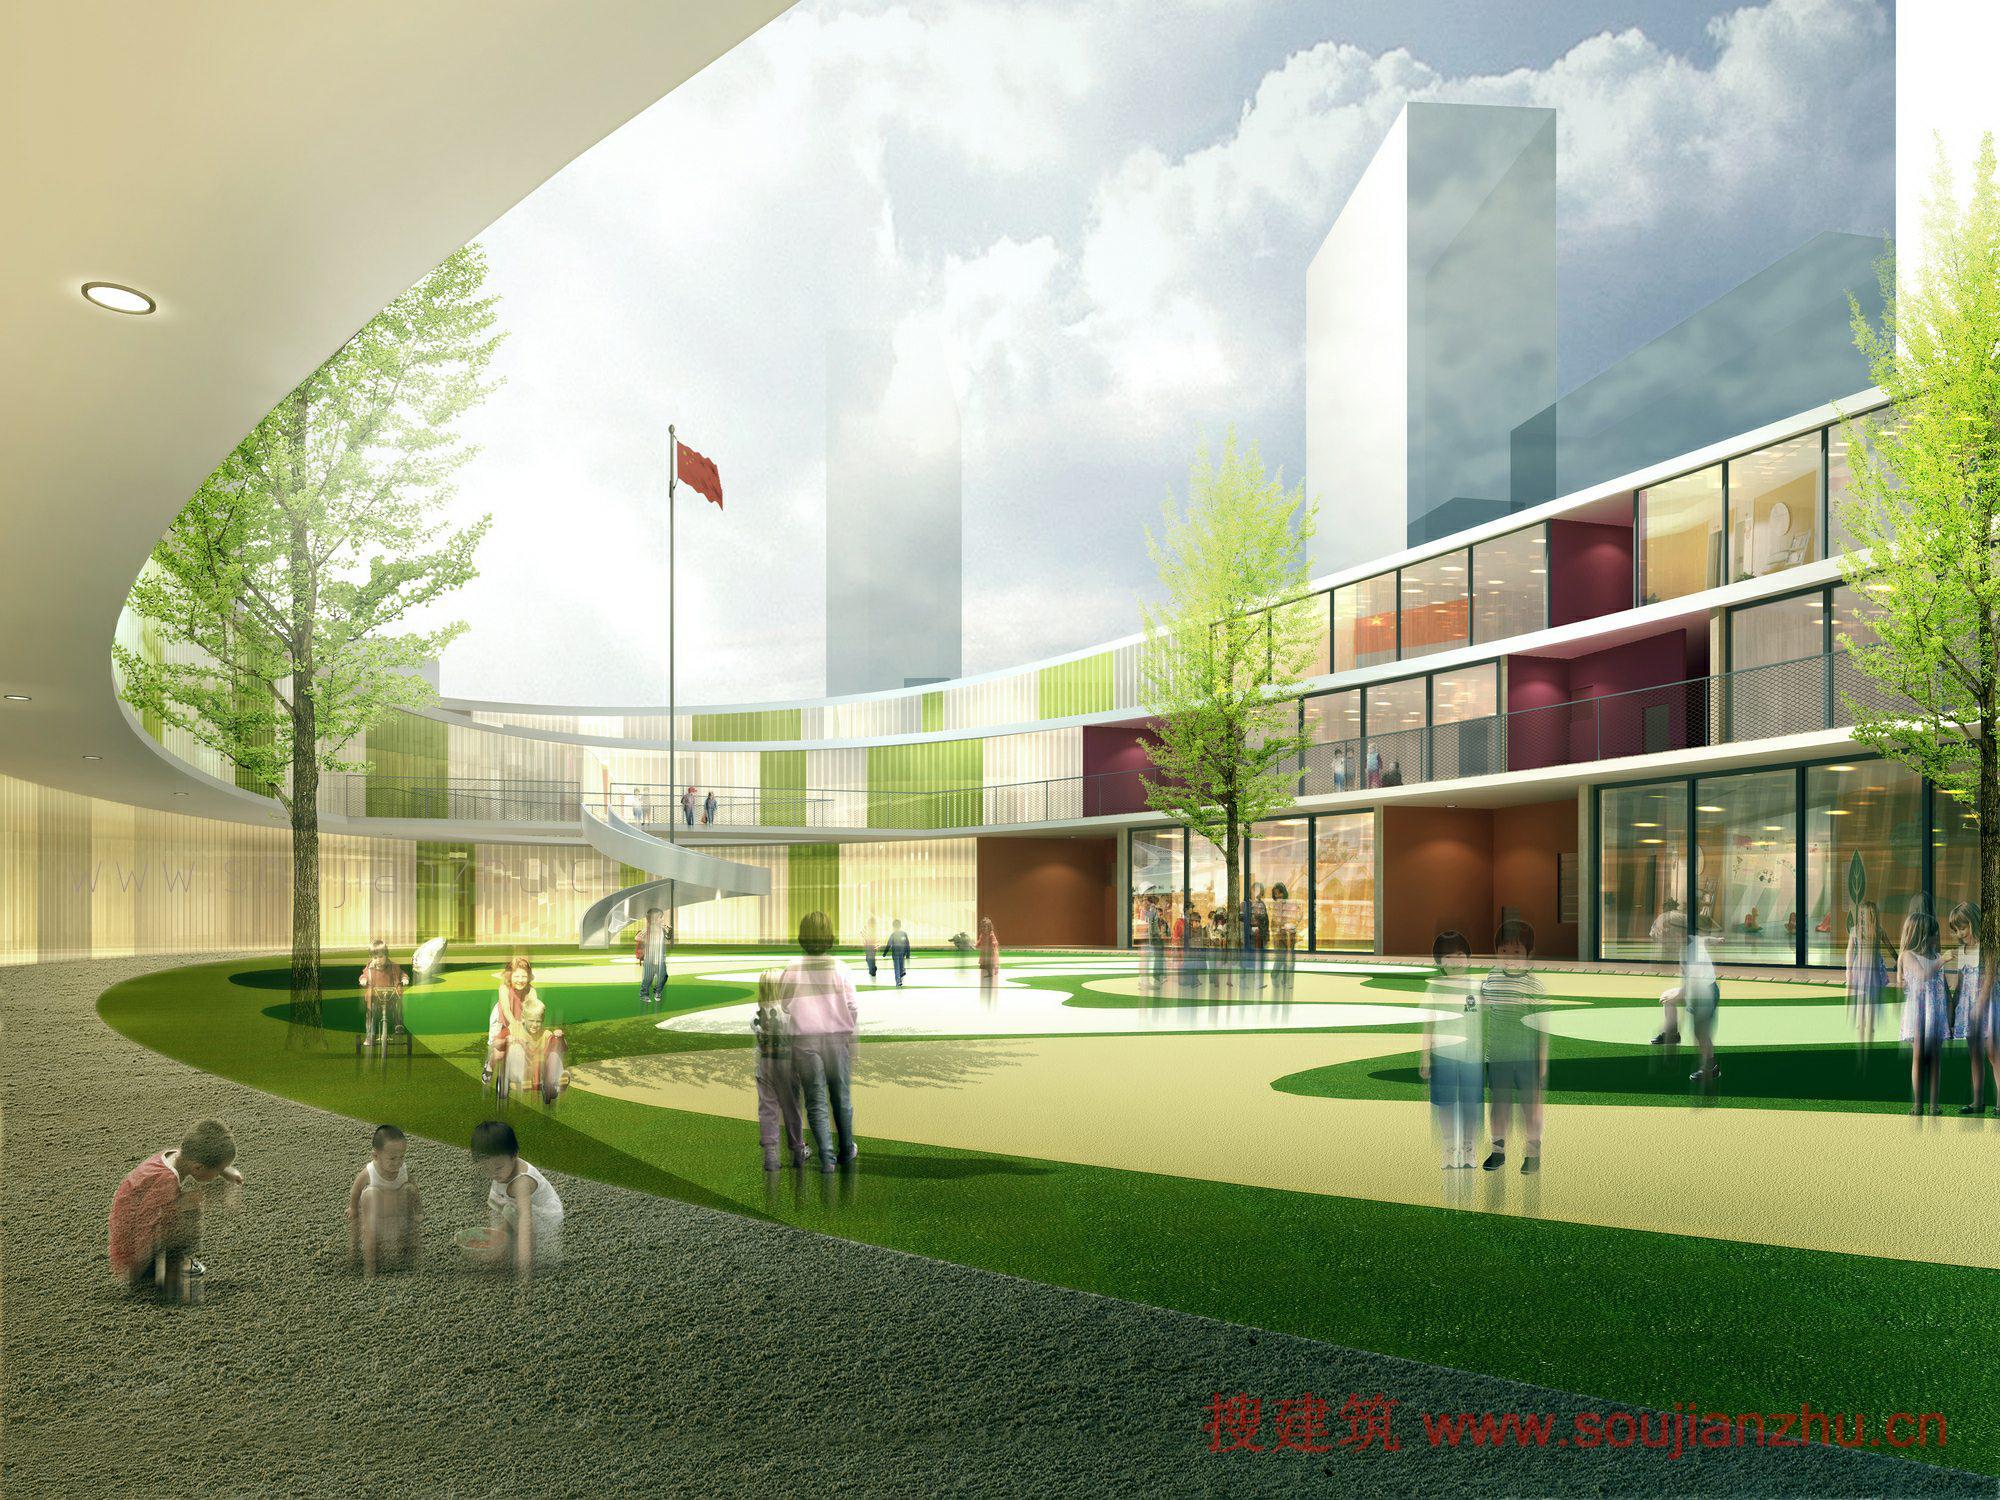 建筑师:UDG China 地点:江苏 无锡 惠山 面积:7975平方米 年份:2015 United Design Group(UDG)China已经开始建设的无锡榭丽花园重新安置的社区幼儿园。三层的建筑,设计成螺旋椭圆环,旨在创造充足的自然光和室外空间,直接连接的孩子们理想的学习环境。 对应的椭圆形广场,UDG说,建筑设计采用了流线型音量前进的时候创建一个动态的效果。布局是内向椭圆形的,中间设有一个户外庭院作为游乐场,还设有升旗场,这也保证了孩子们的活动室足够的阳光和室内通风。